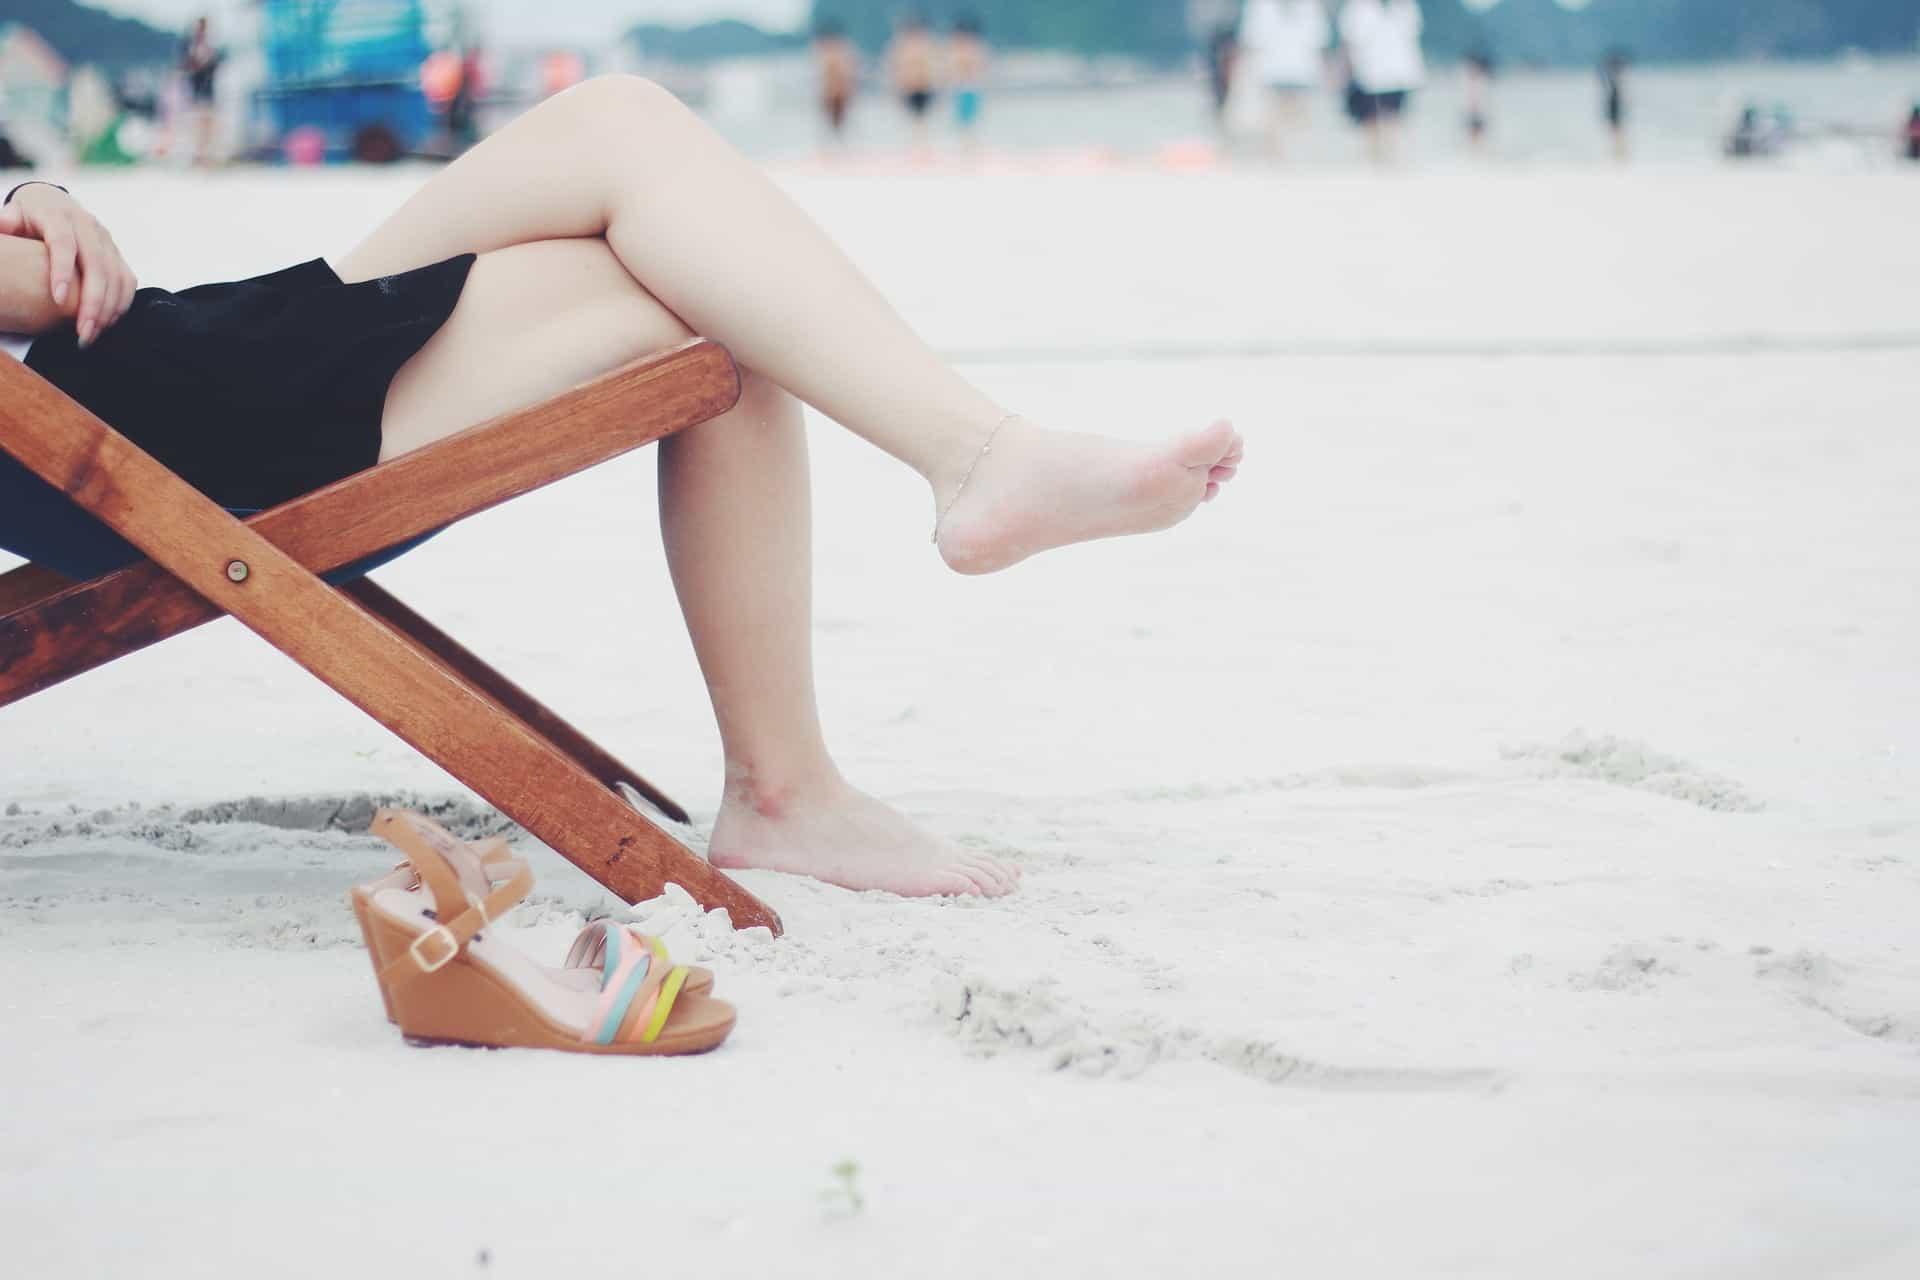 Imagem mostra pessoa sentada em uma cadeira de praia e um par de sandálias ao lado.